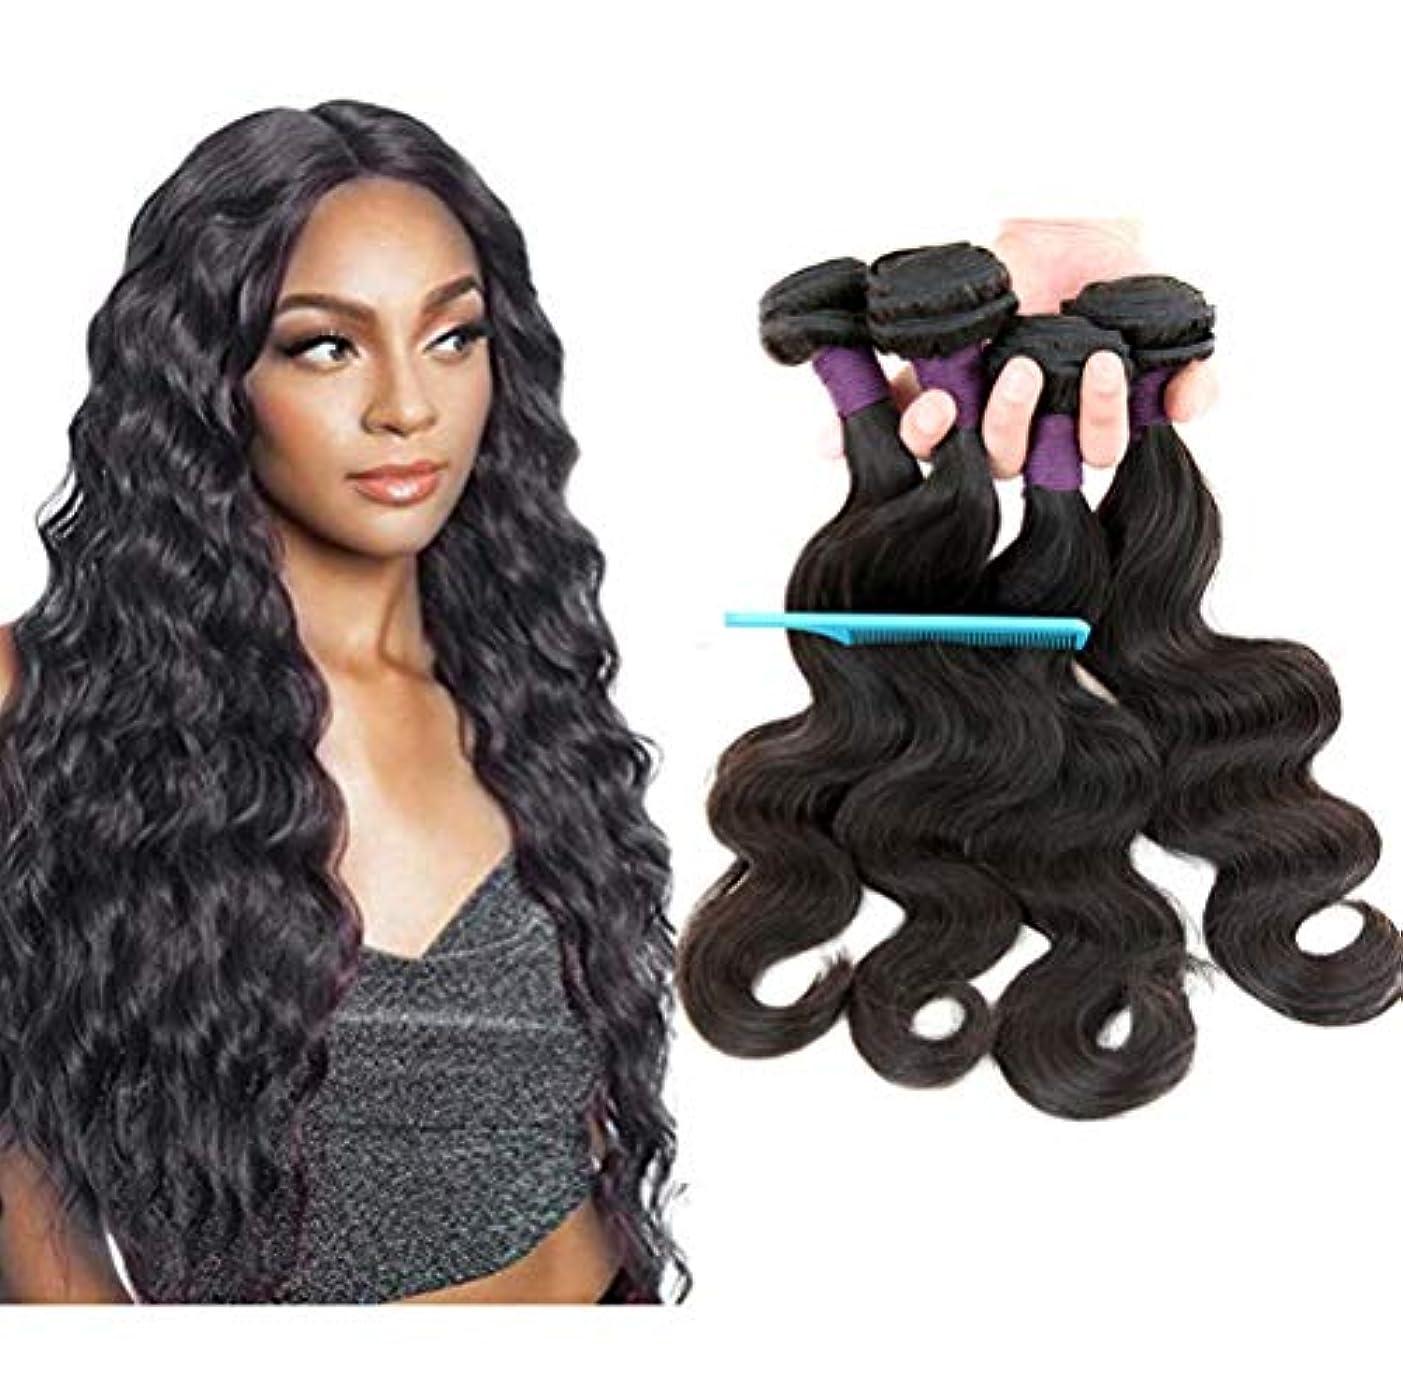 ファンシー入札怠10Aブラジル髪織り実体波人間の髪の毛1束で100%未処理のバージン人間の髪の毛